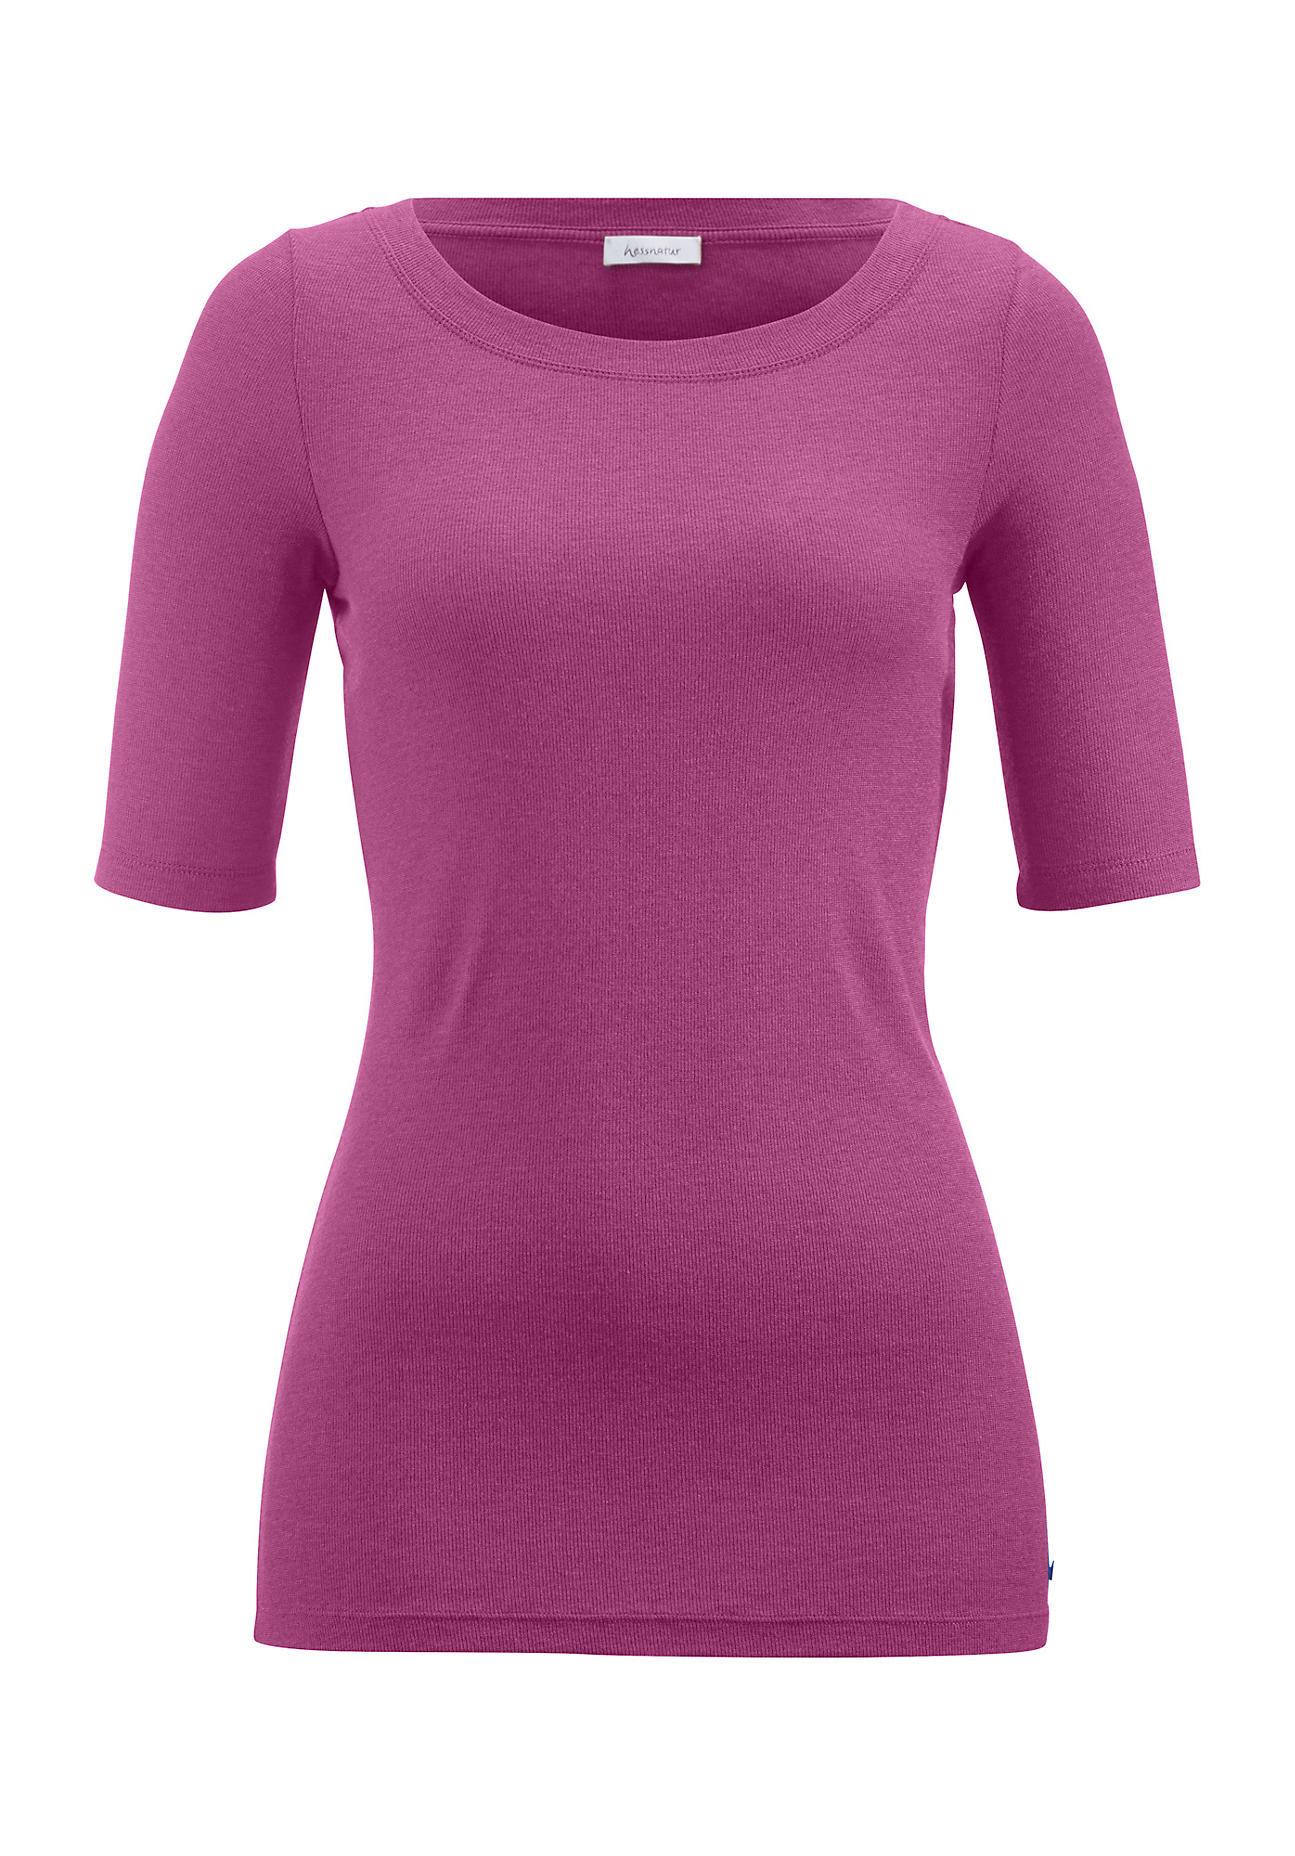 hessnatur Damen Shirt aus Modal mit Schurwolle – lila – Größe 38